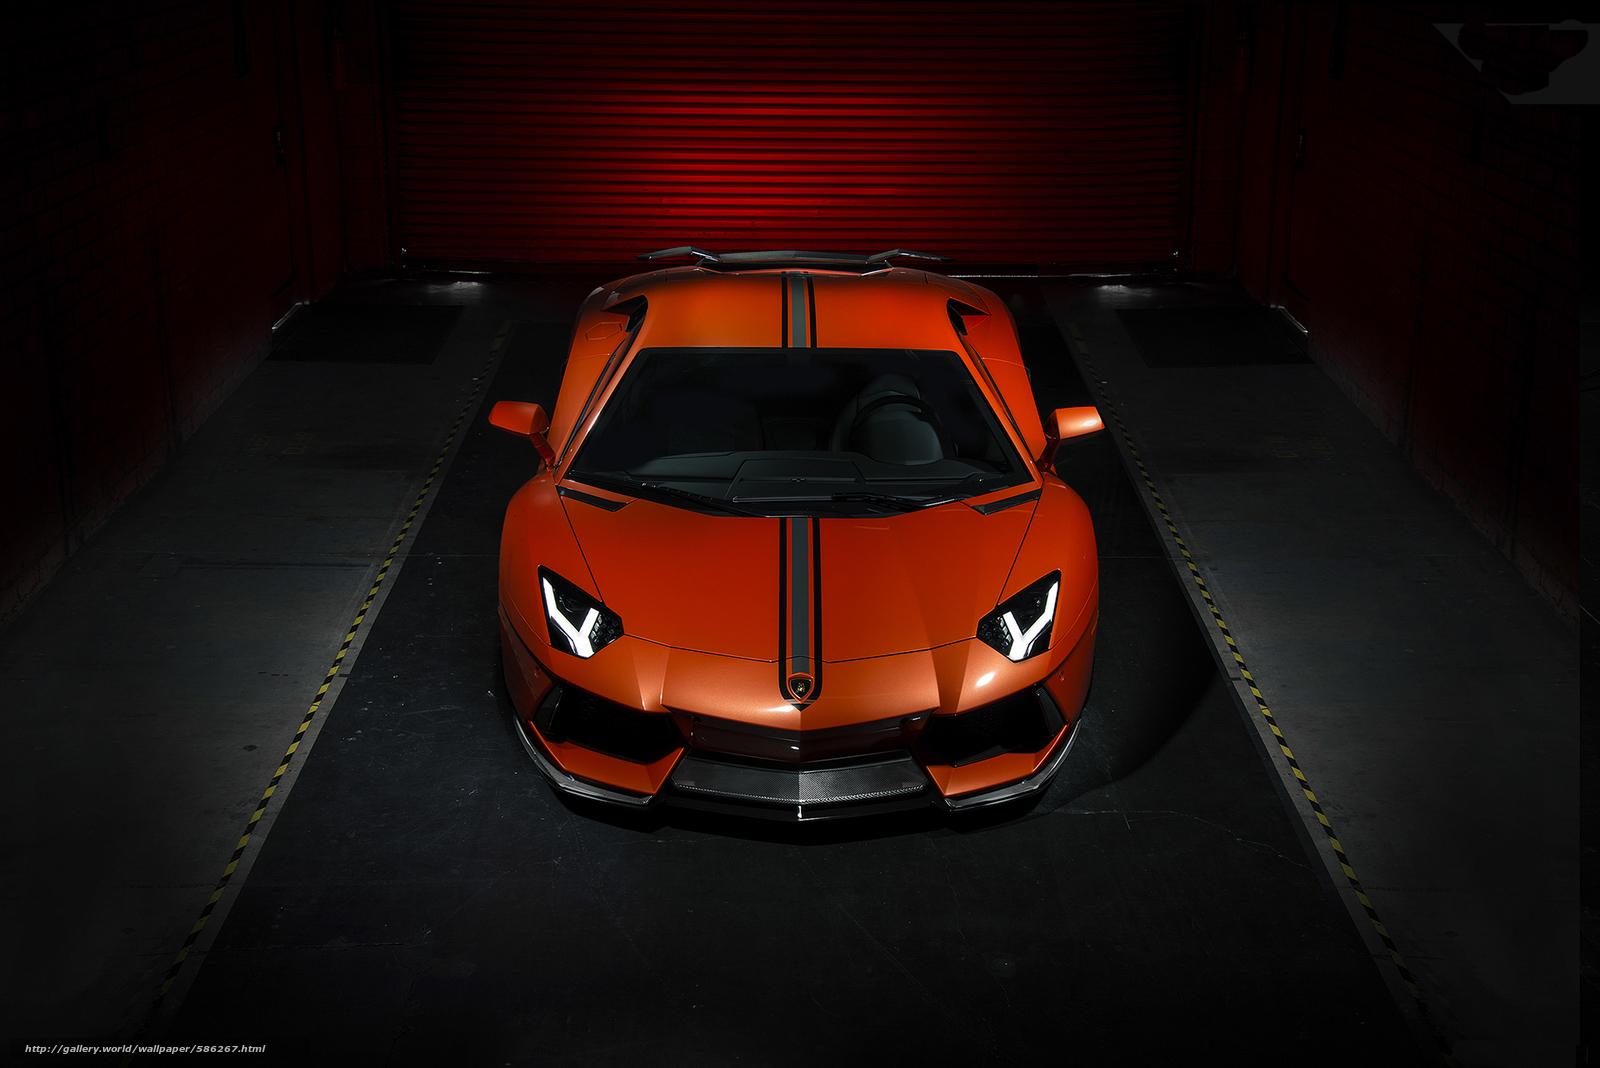 Скачать обои авентадор,  Lamborghini,  ламборджини бесплатно для рабочего стола в разрешении 1920x1281 — картинка №586267